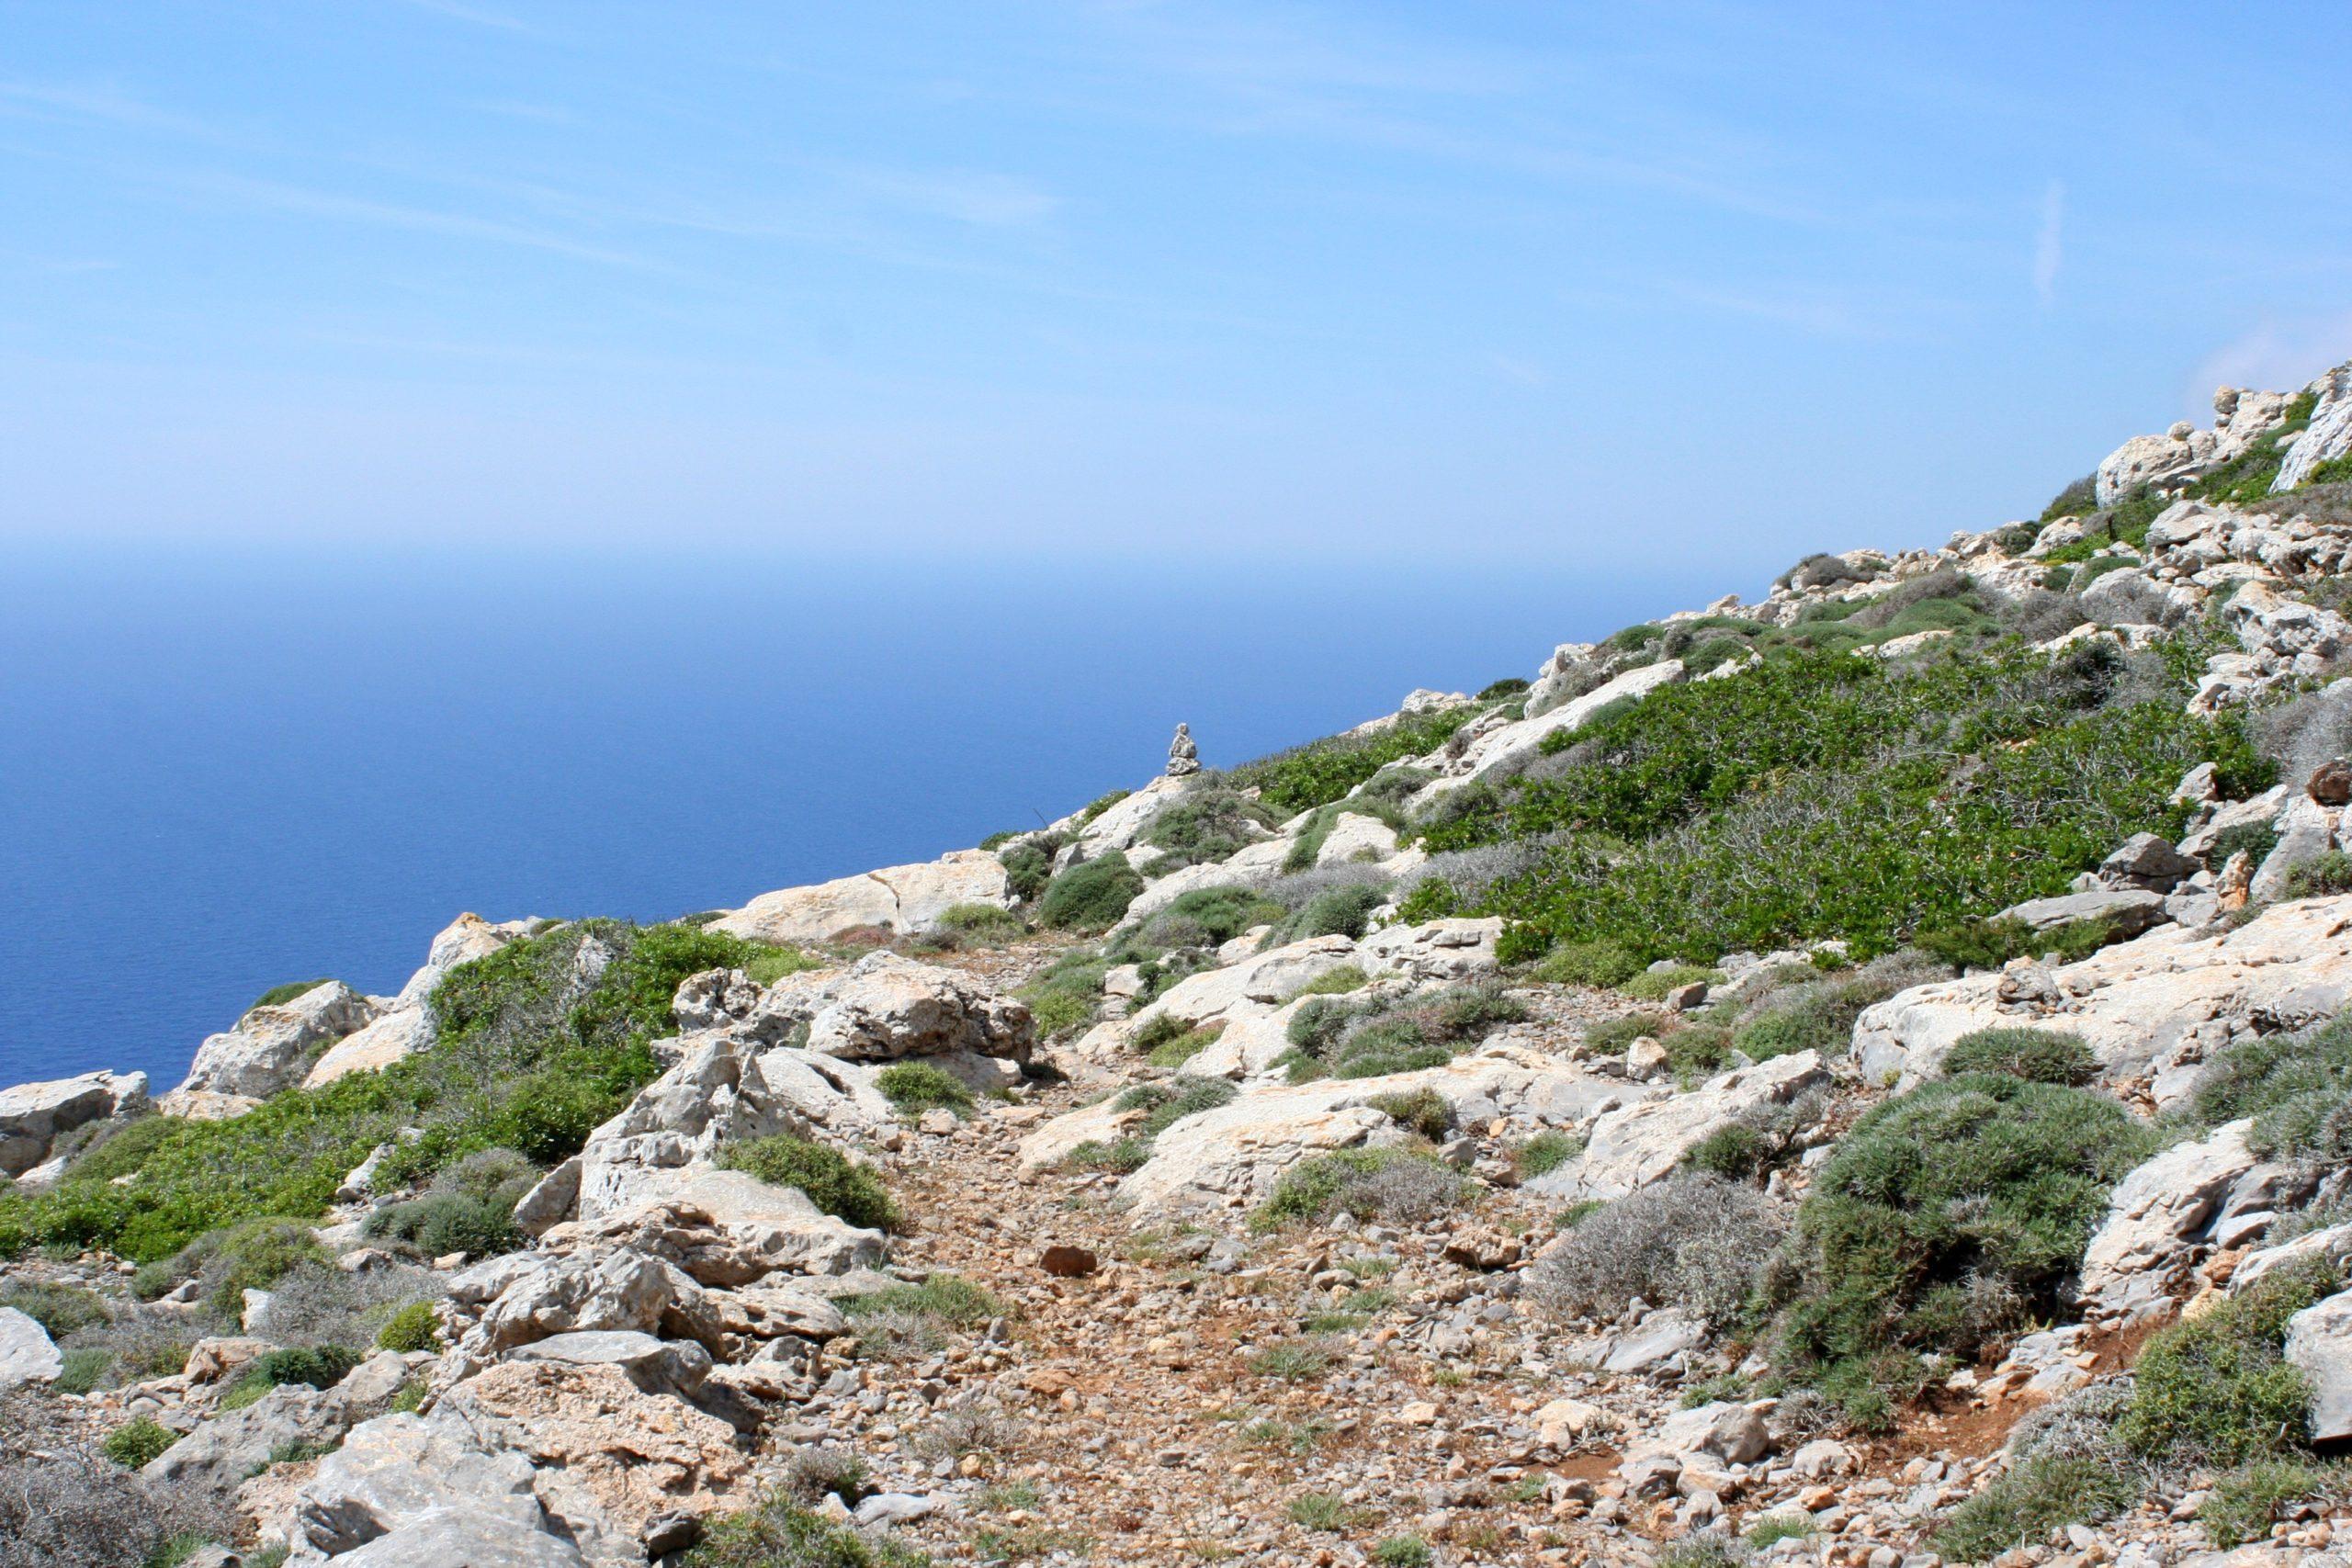 weitblickreisen - wandern auf der griechischen Insel Karpathos